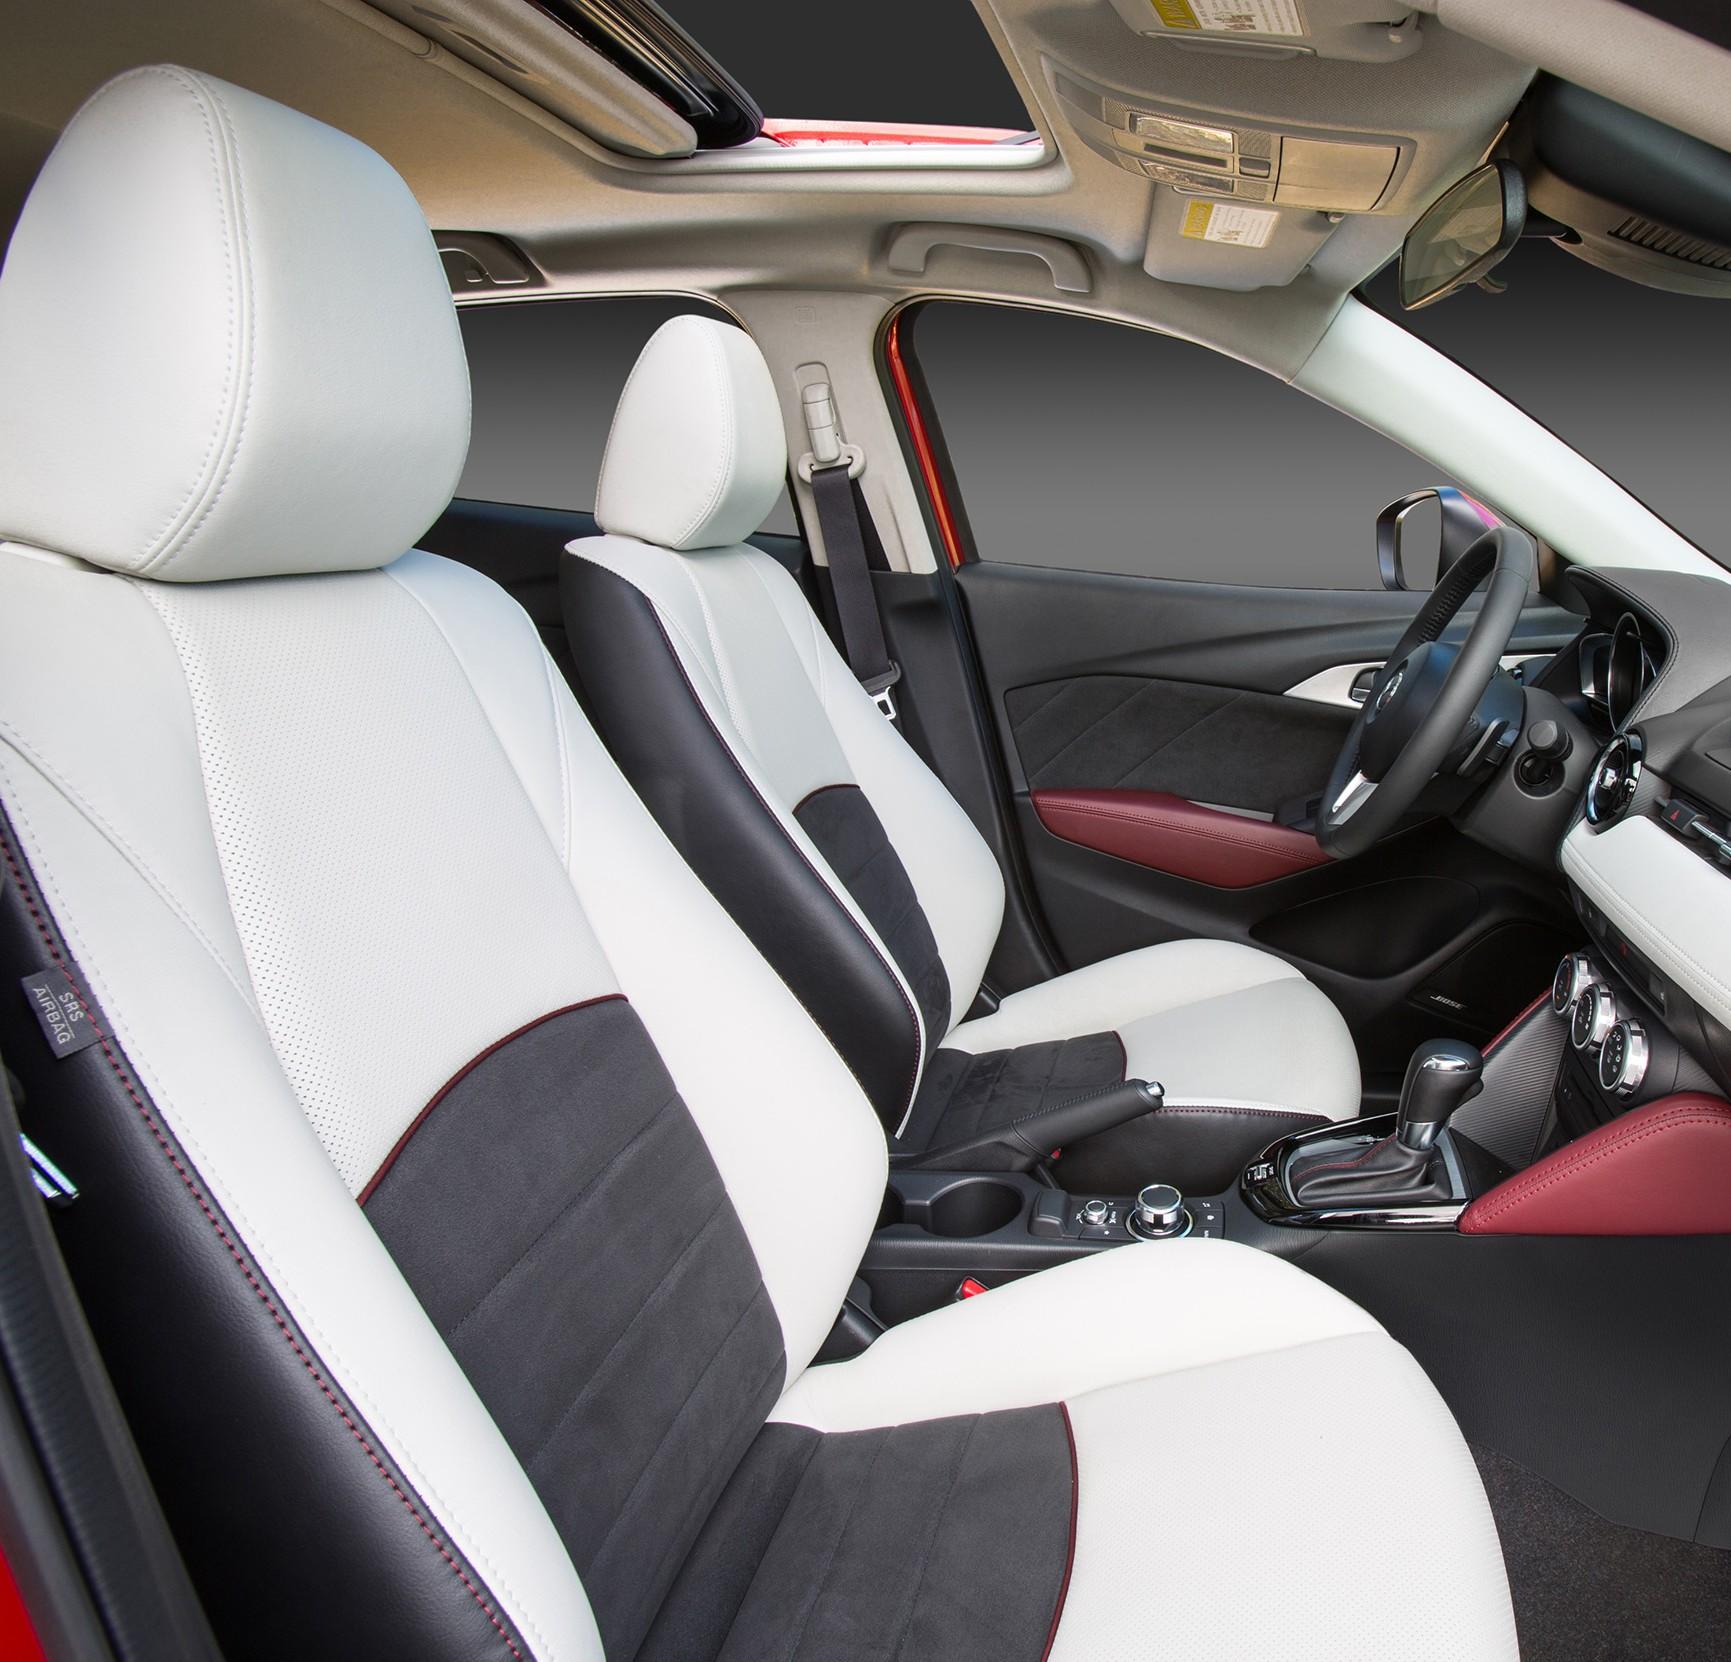 Mazda-CX-3-Interior-2